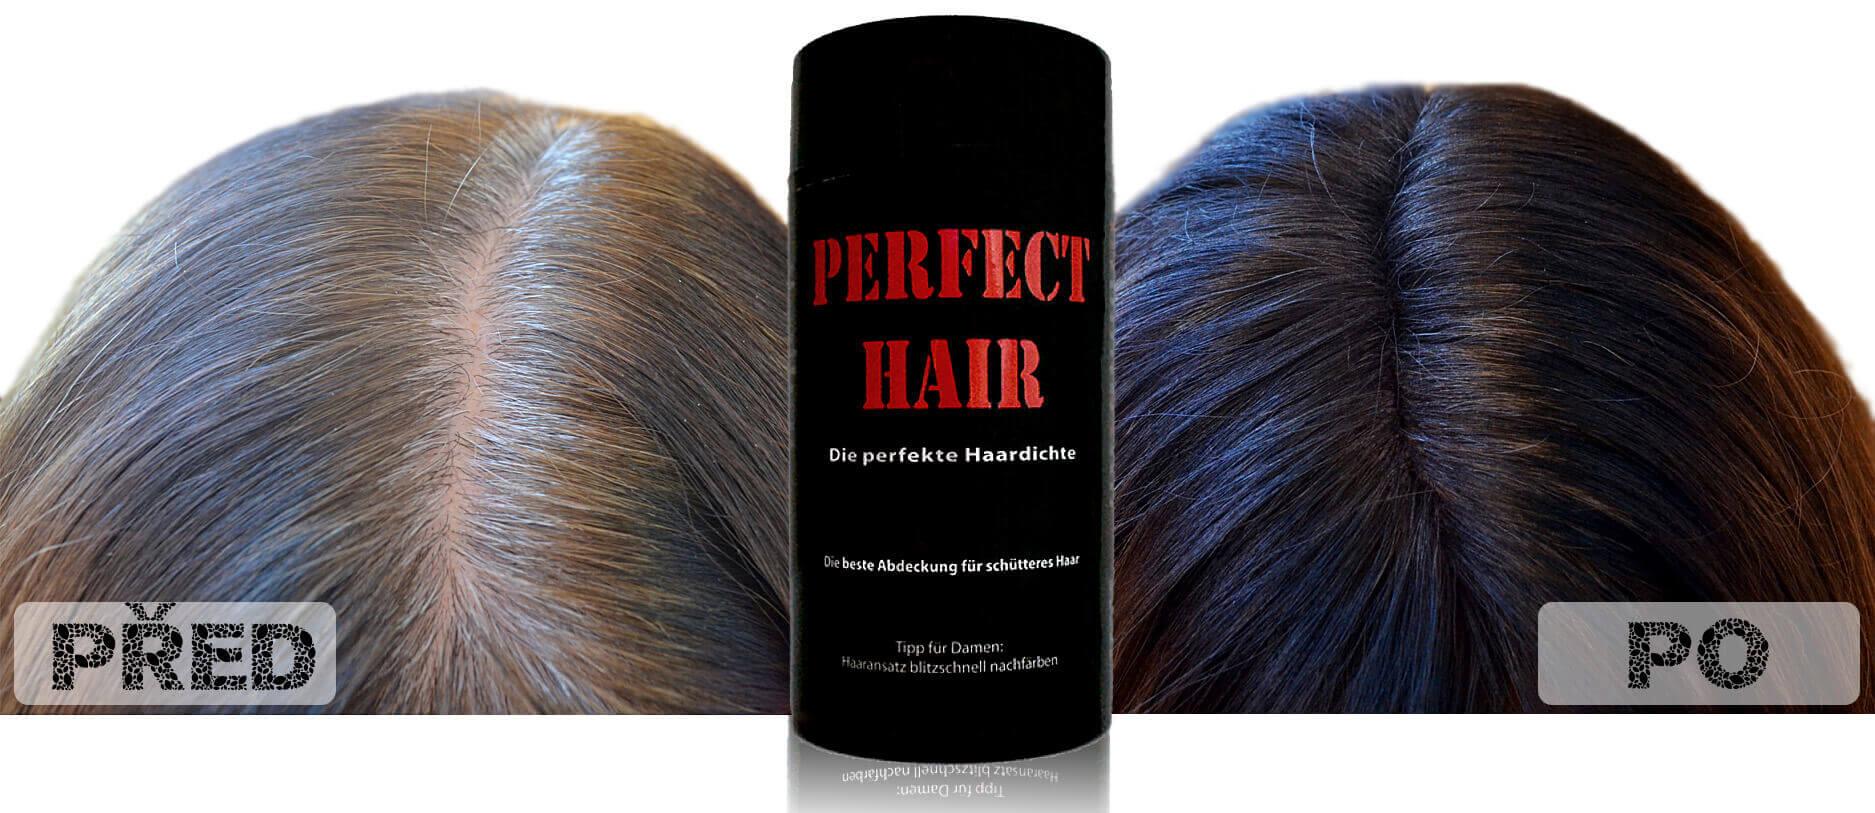 Perfect hair testování